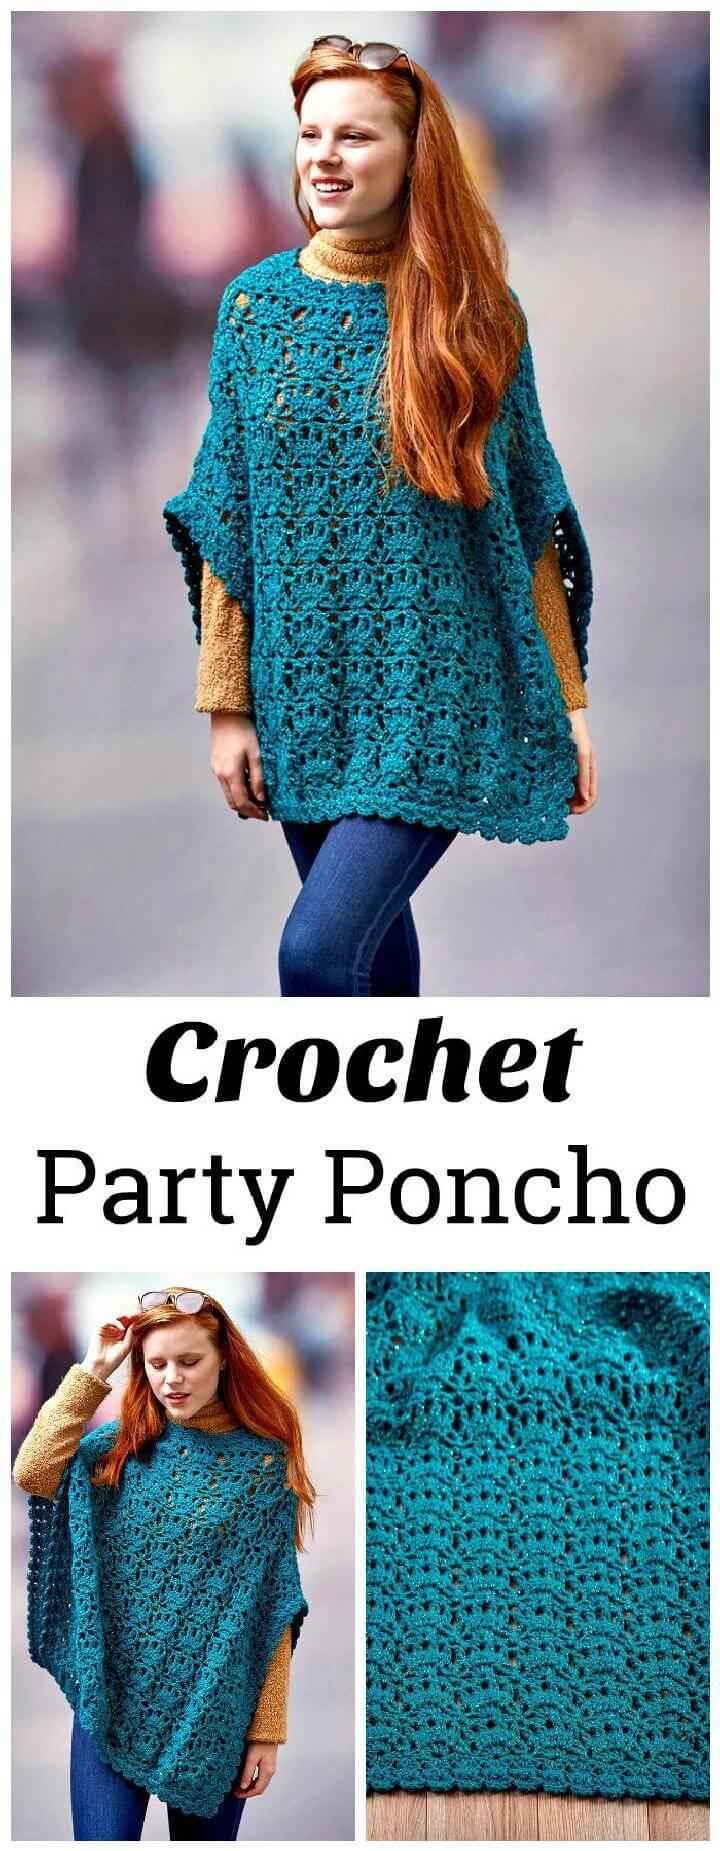 Free Crochet Fashion Patterns